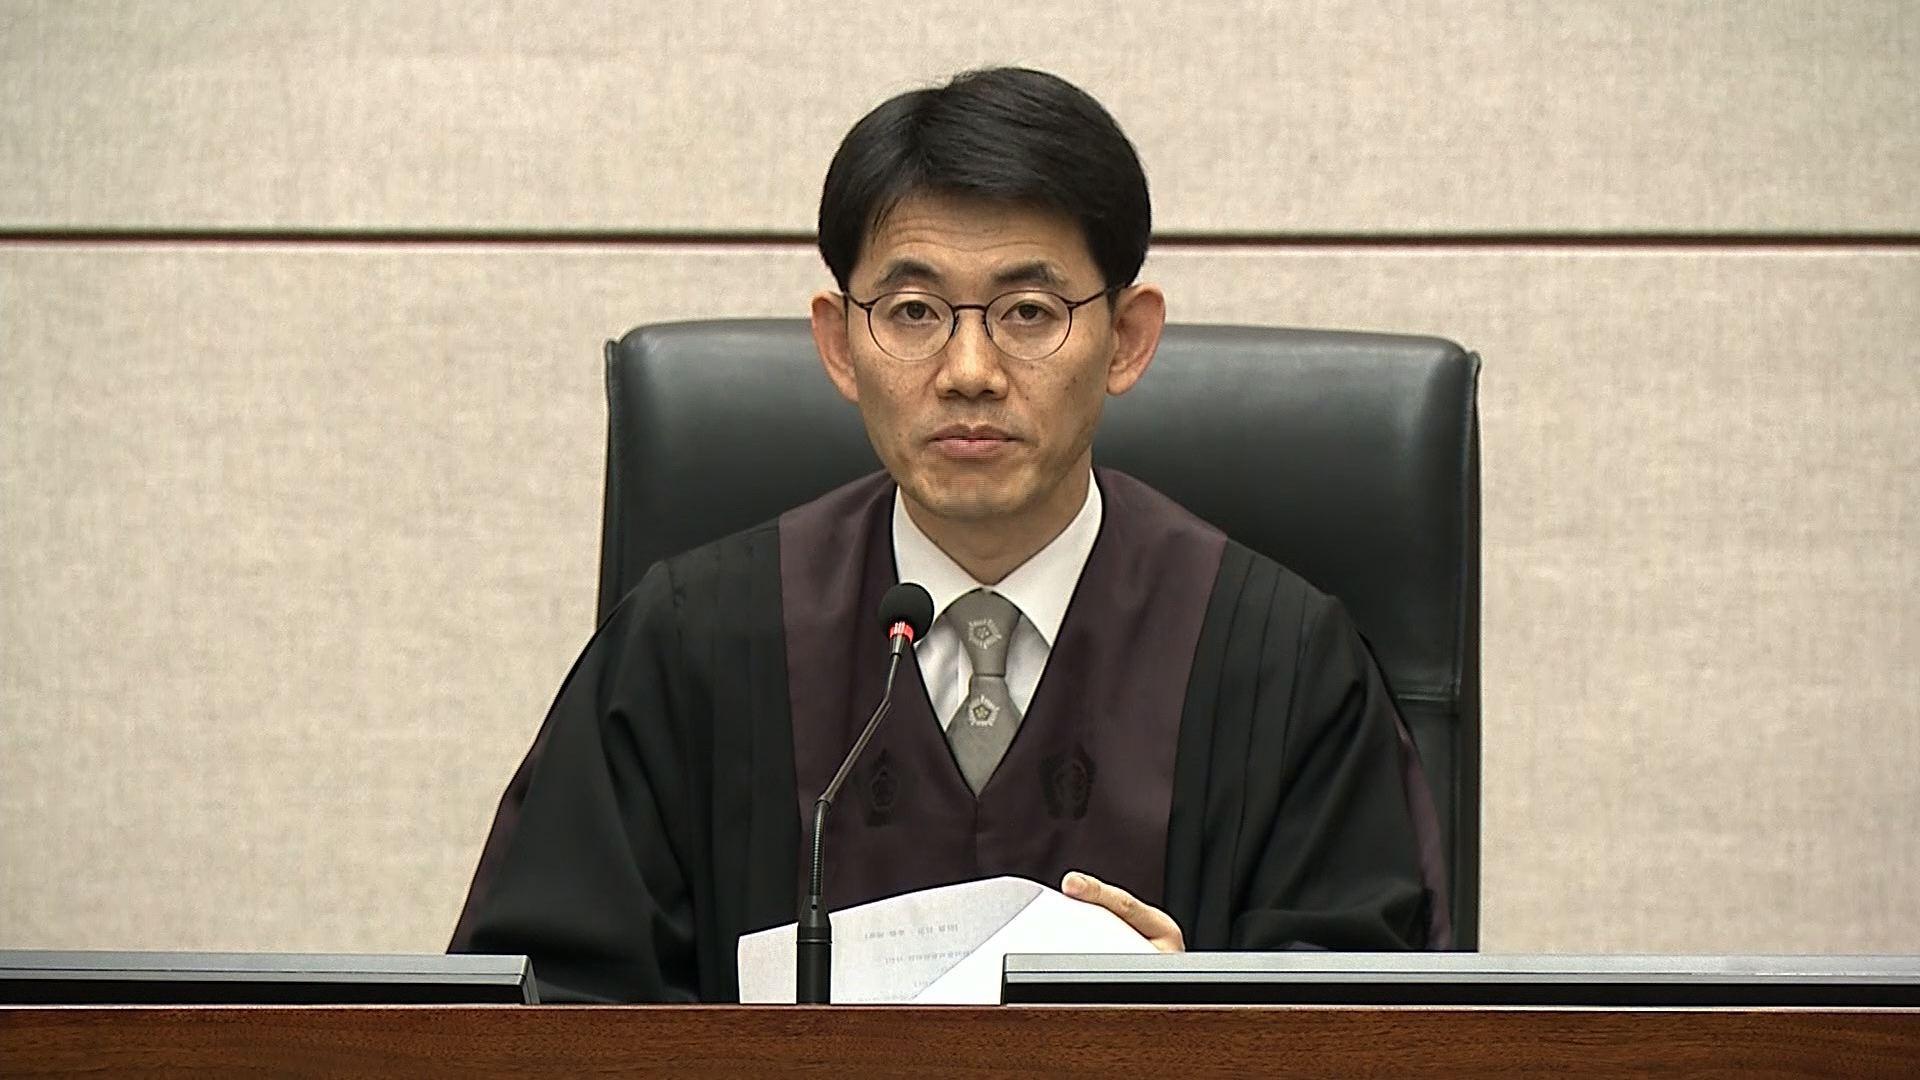 Lectura de sentencia que condena a otros 8 años de prisión a la expresidenta de Corea del Sur Park Geun-hye.